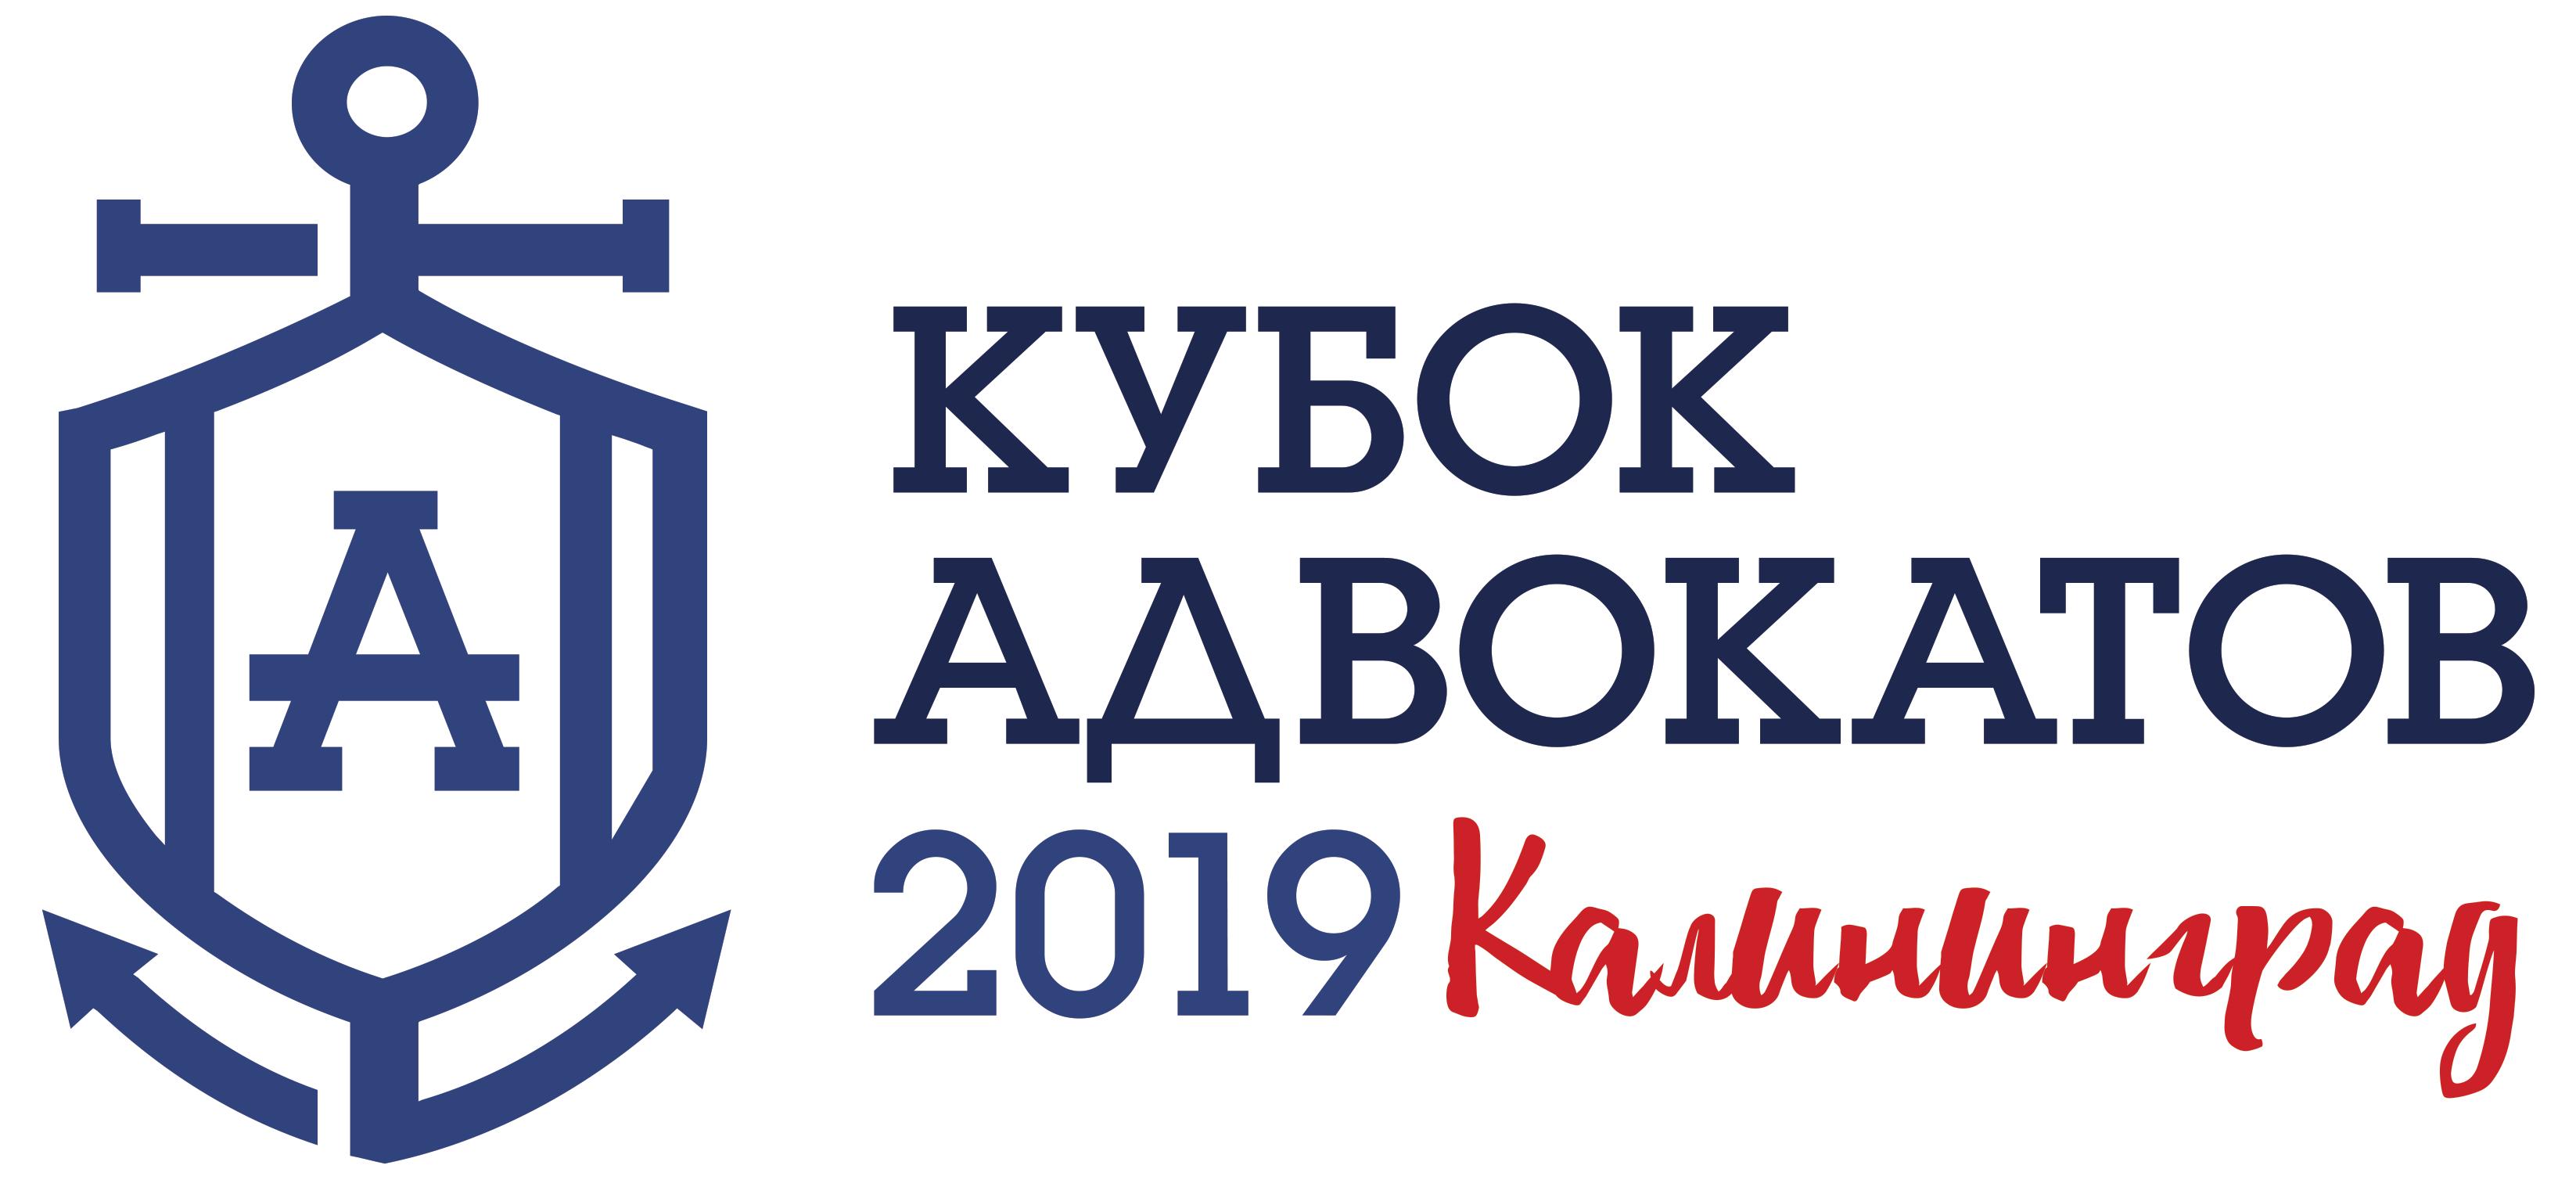 Кубок адвокатов в Калининграде